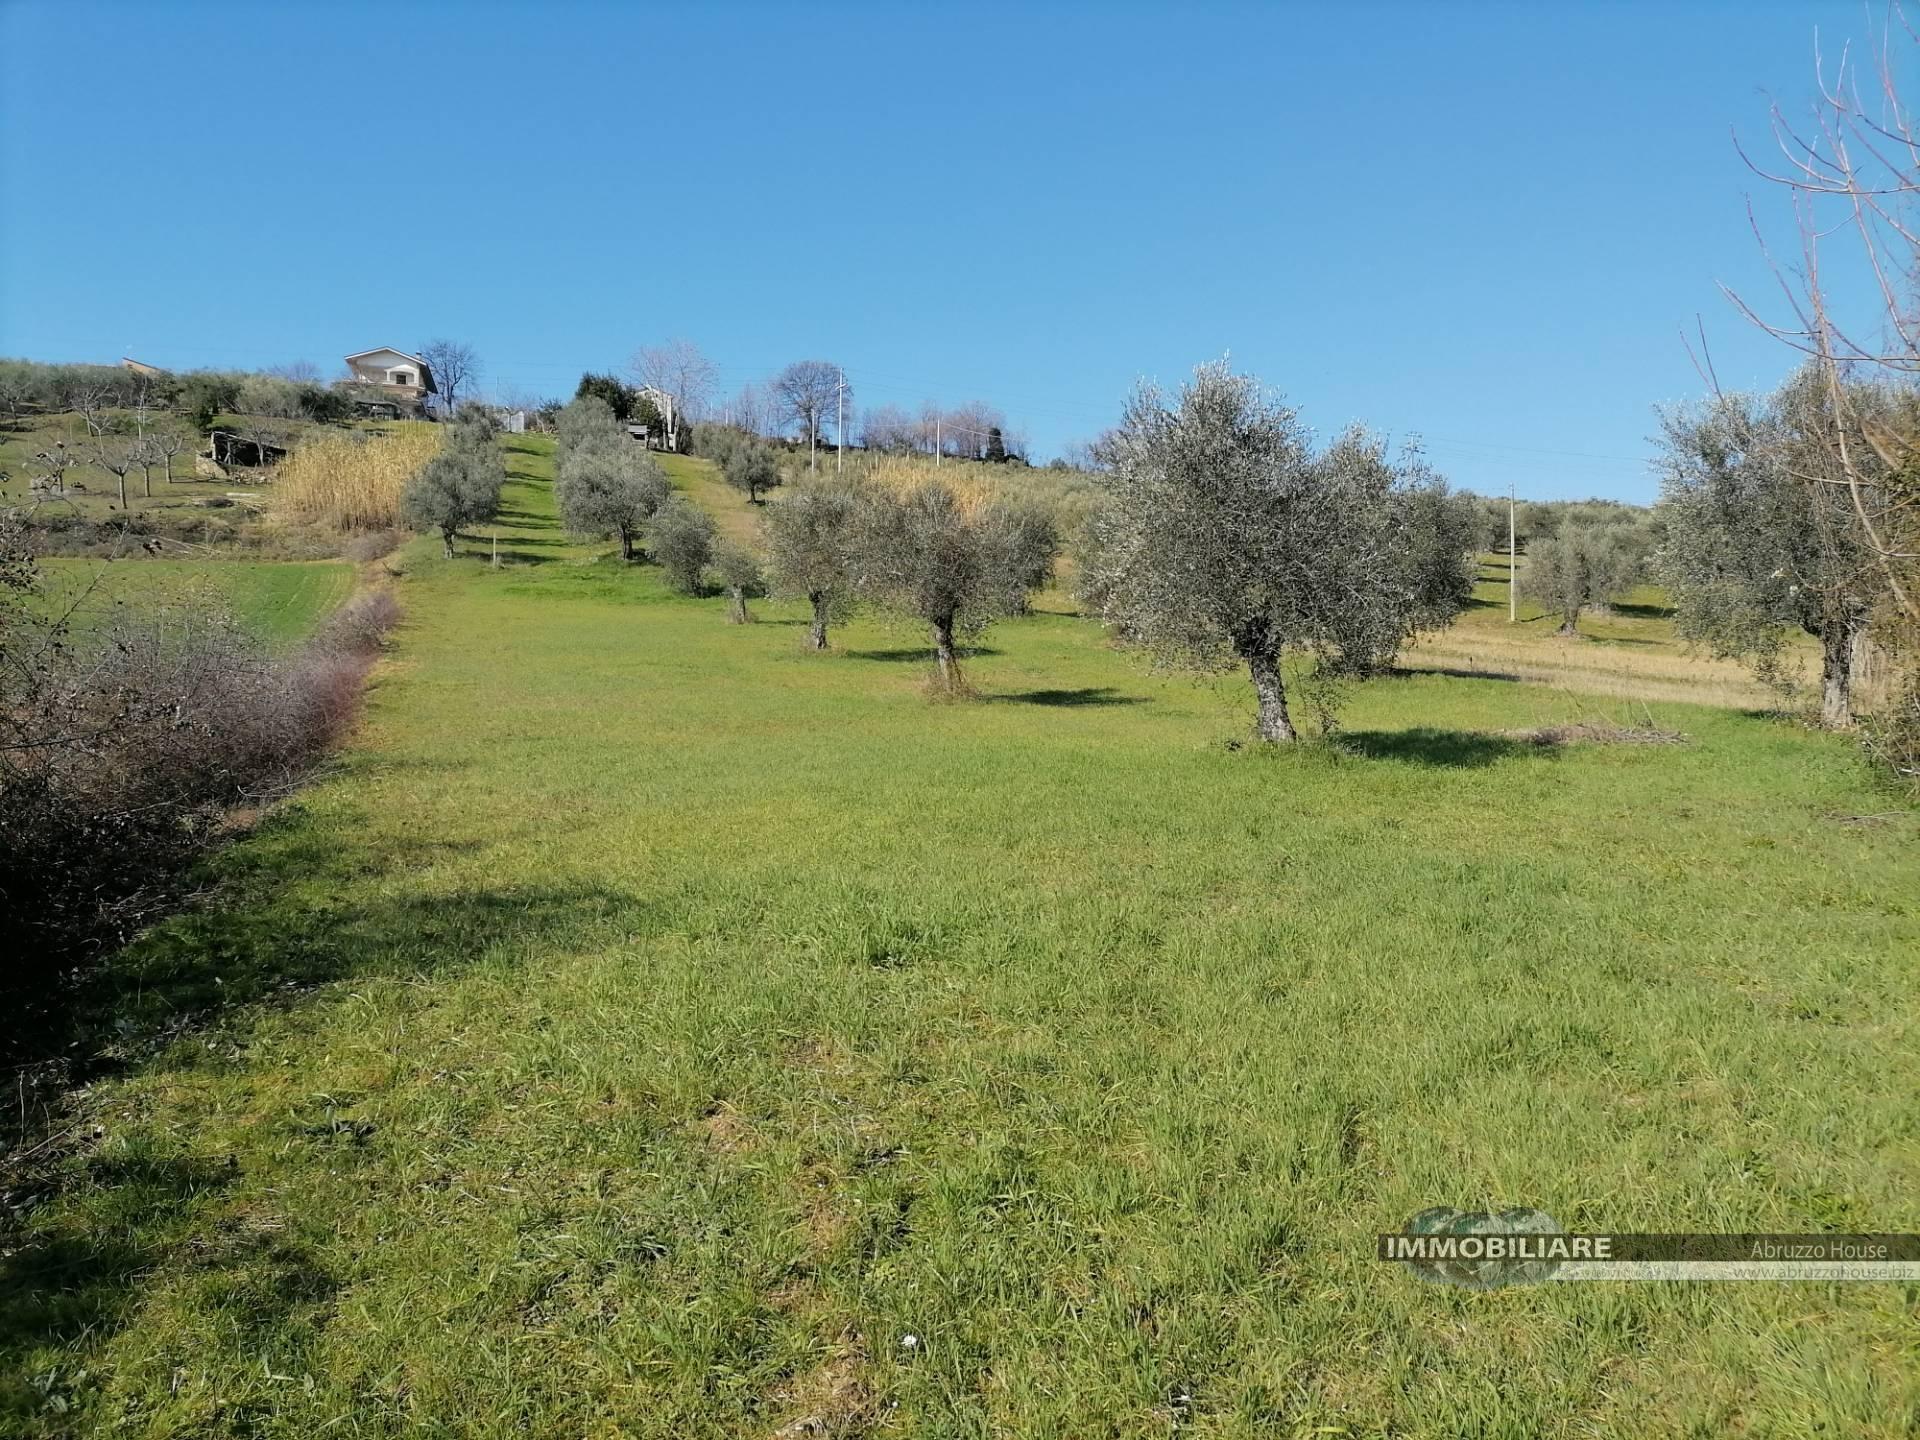 Terreno Agricolo in vendita a Mosciano Sant'Angelo, 9999 locali, prezzo € 28.000 | CambioCasa.it